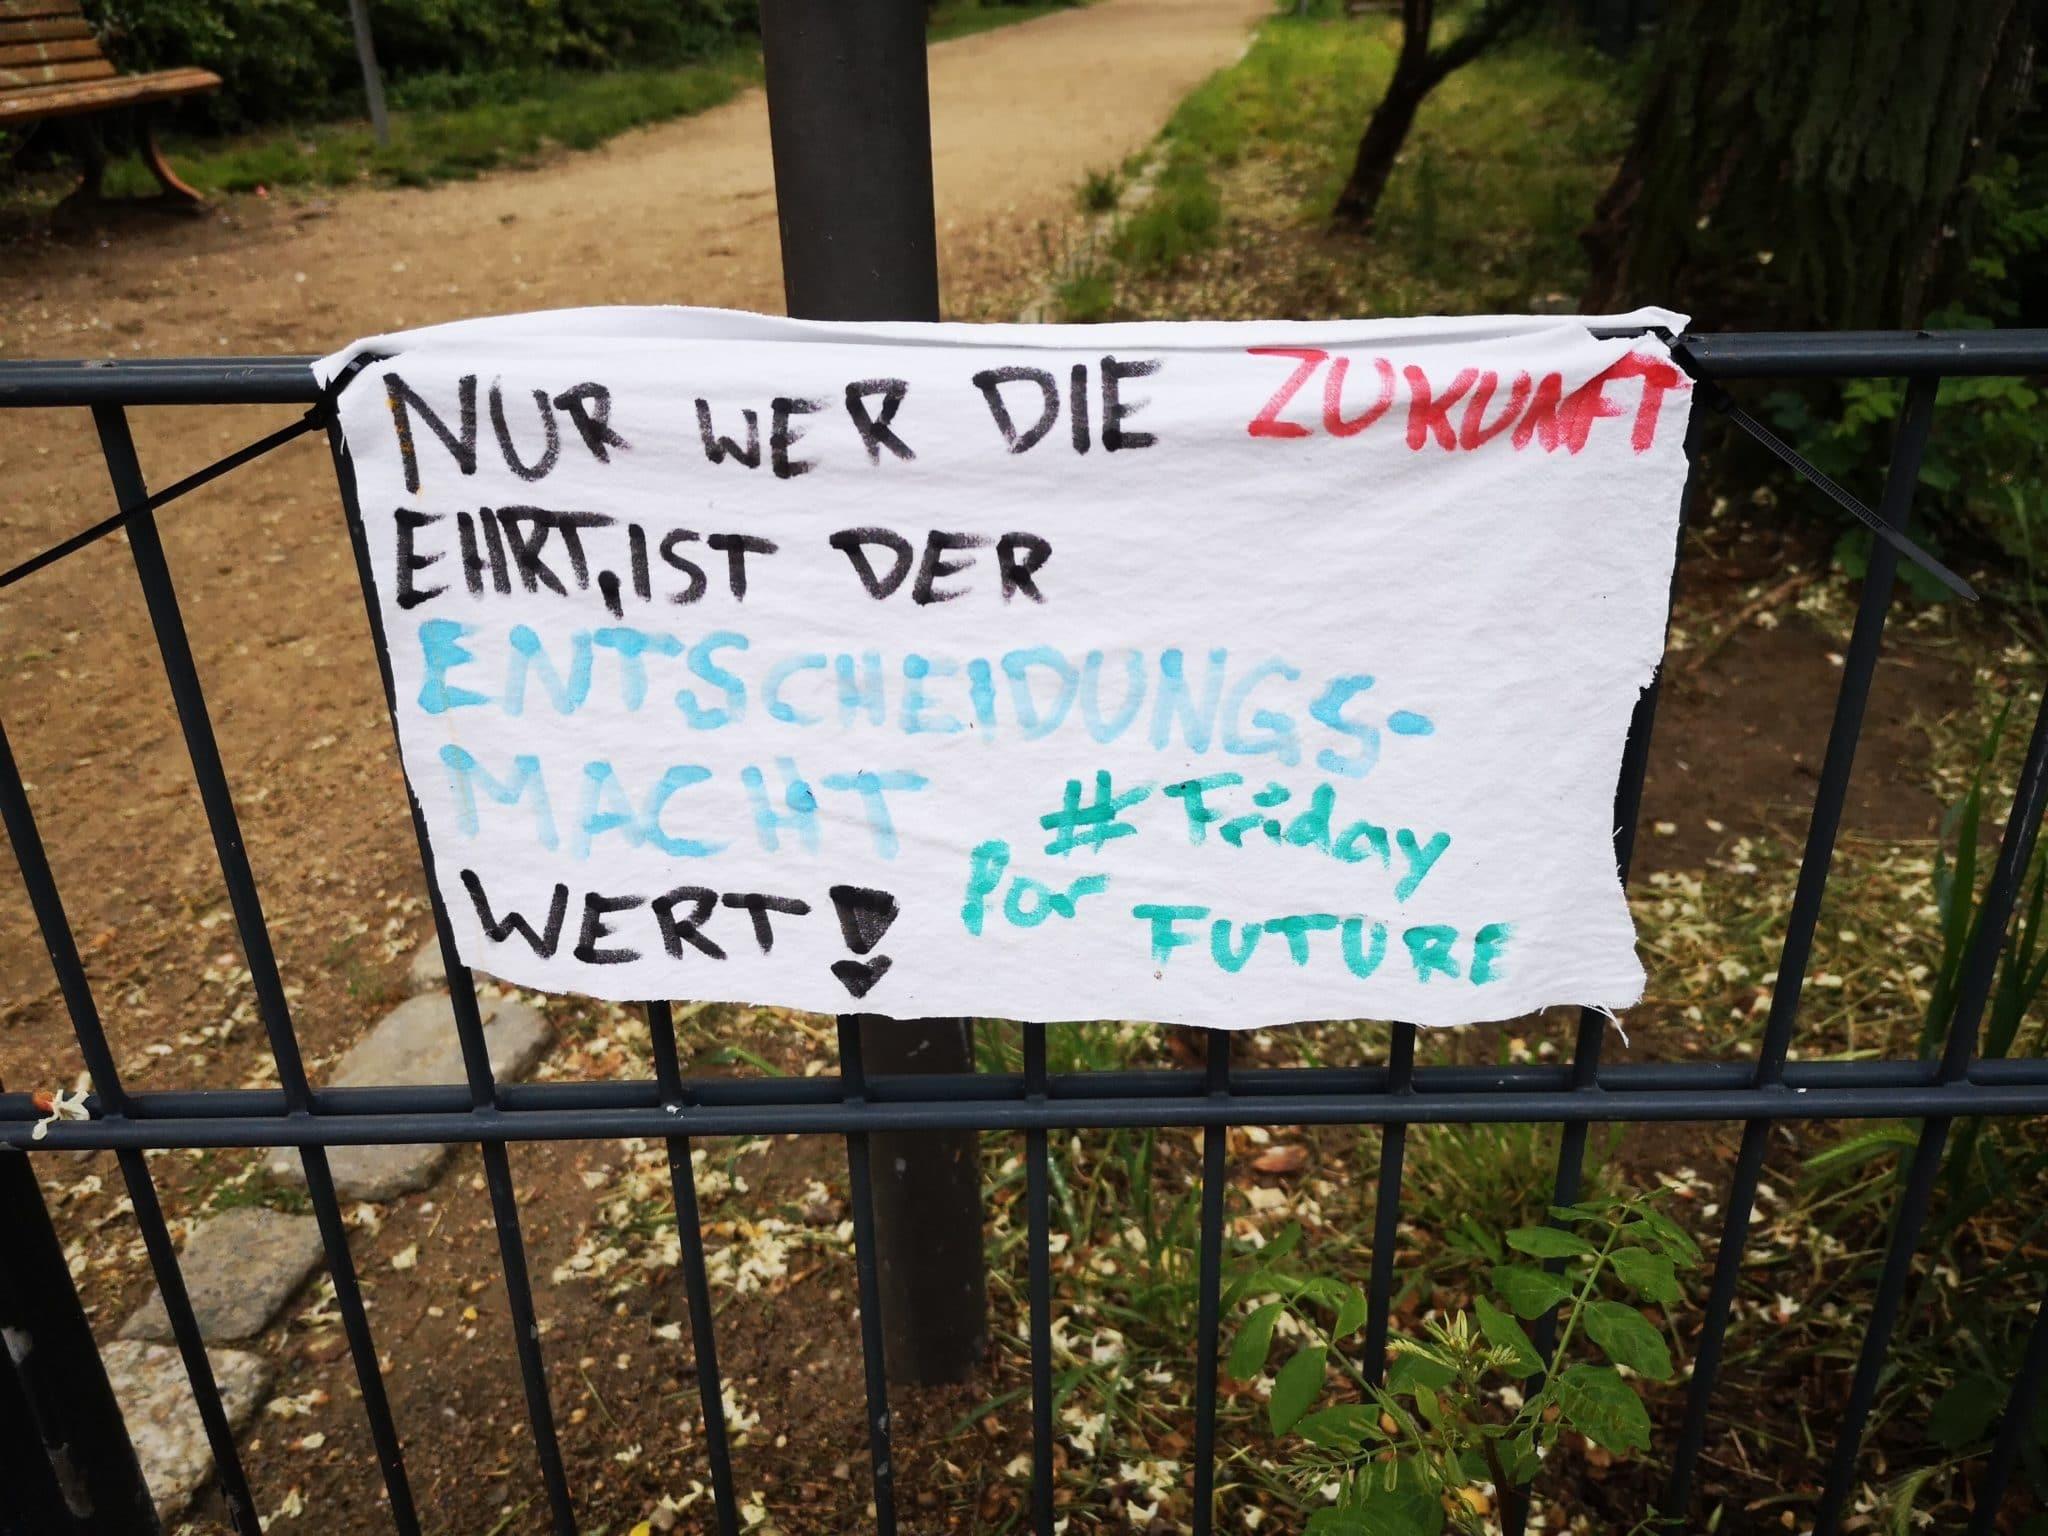 Plakat auf dem steht: Nur wer die Zukunft ehrt.